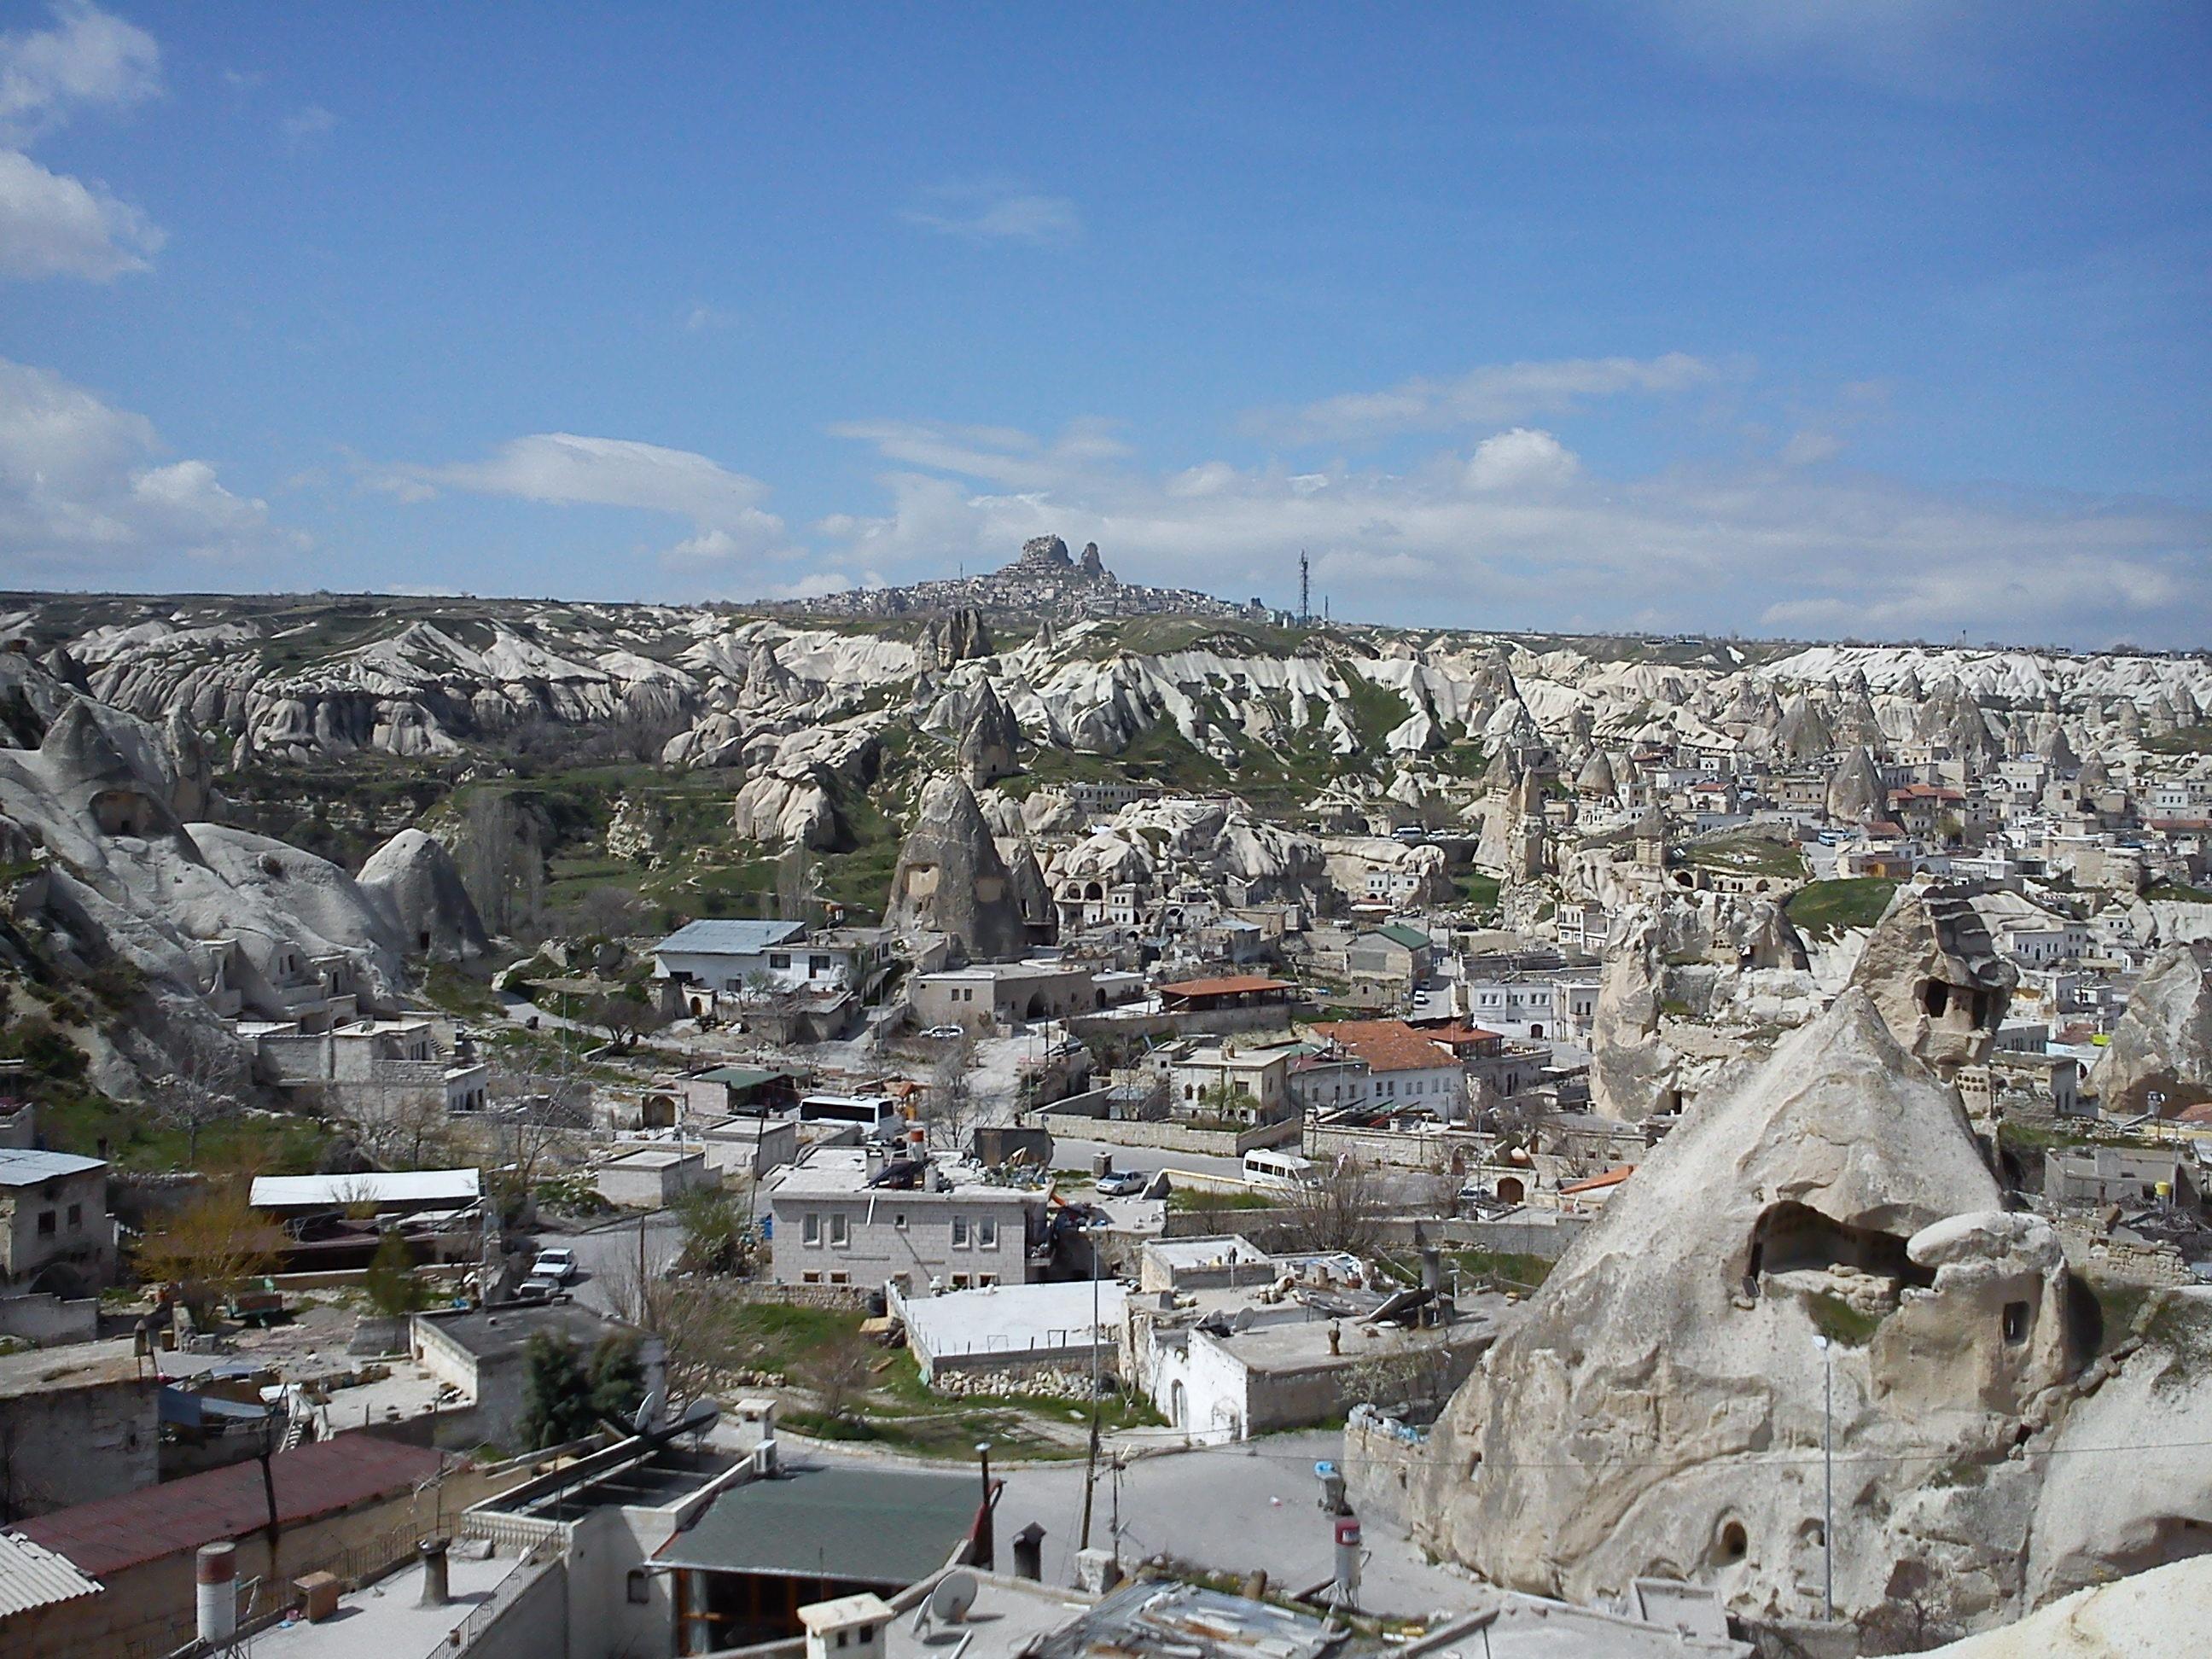 goreme-la-citta-scavata-nel-tufo-calcareo-cappadocia-turchia